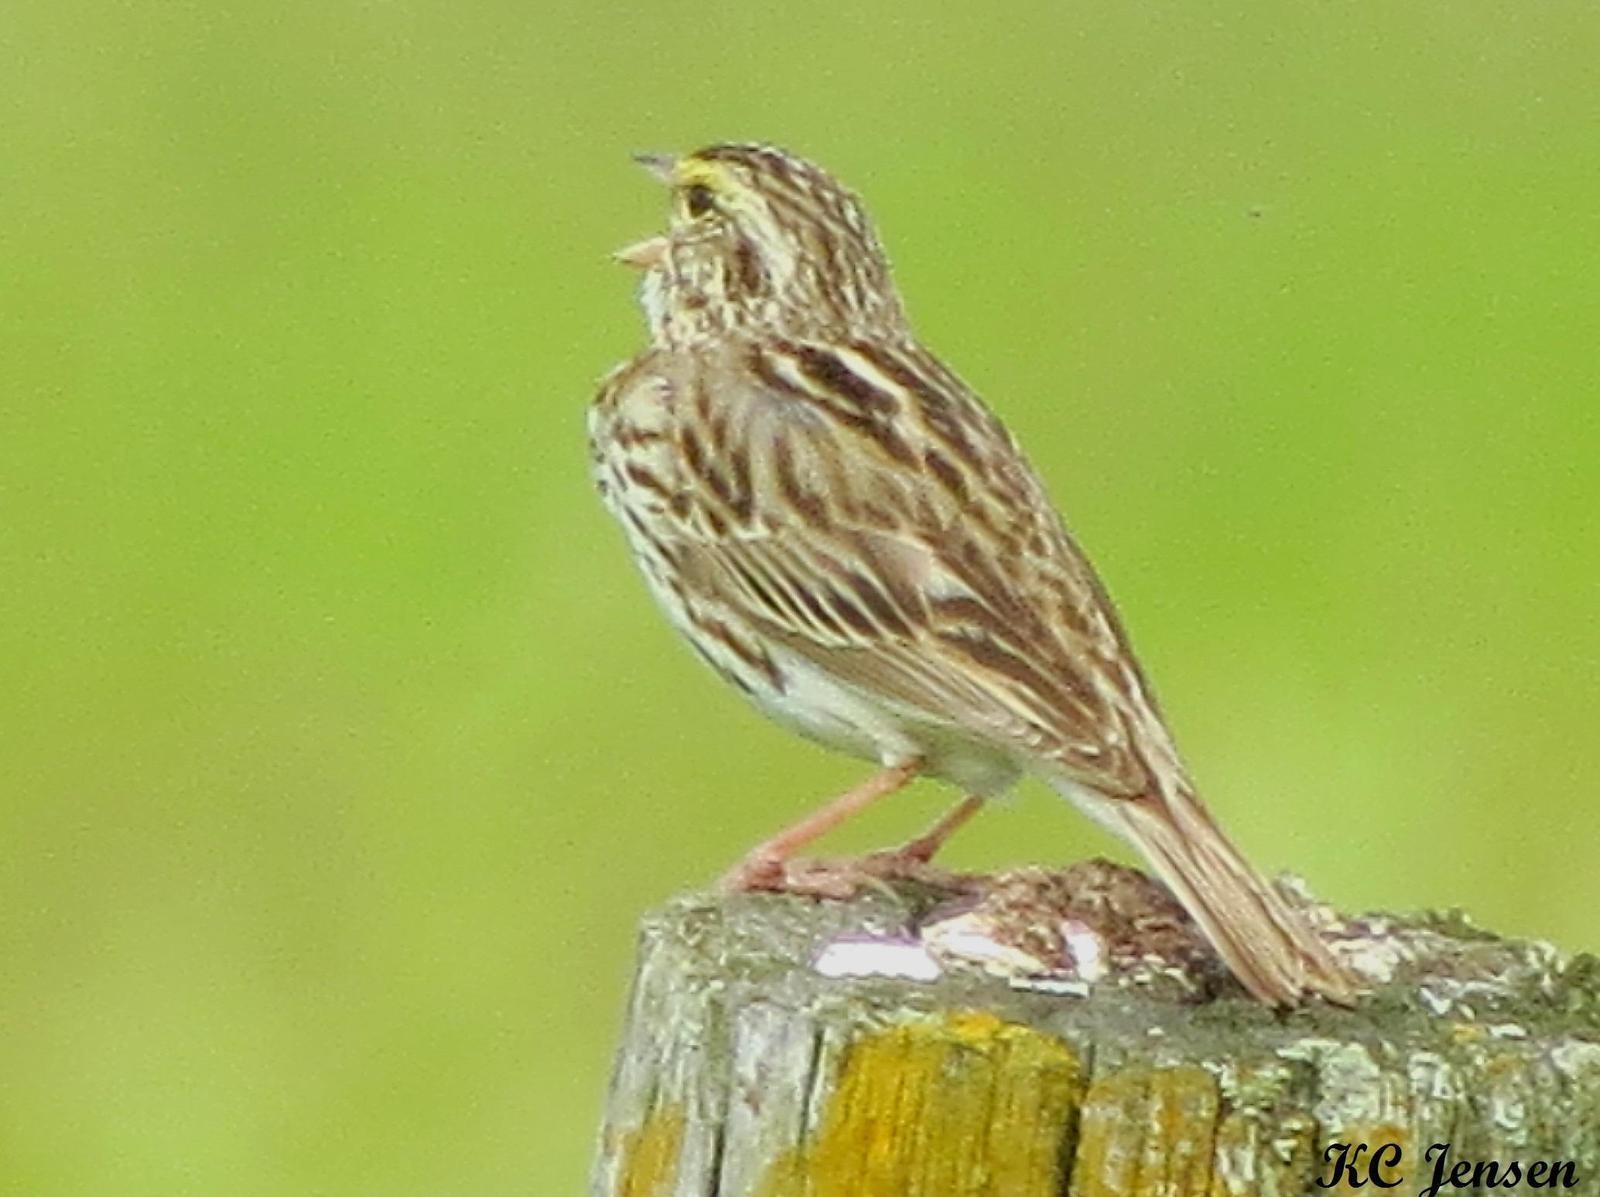 Savannah Sparrow Photo by Kent Jensen